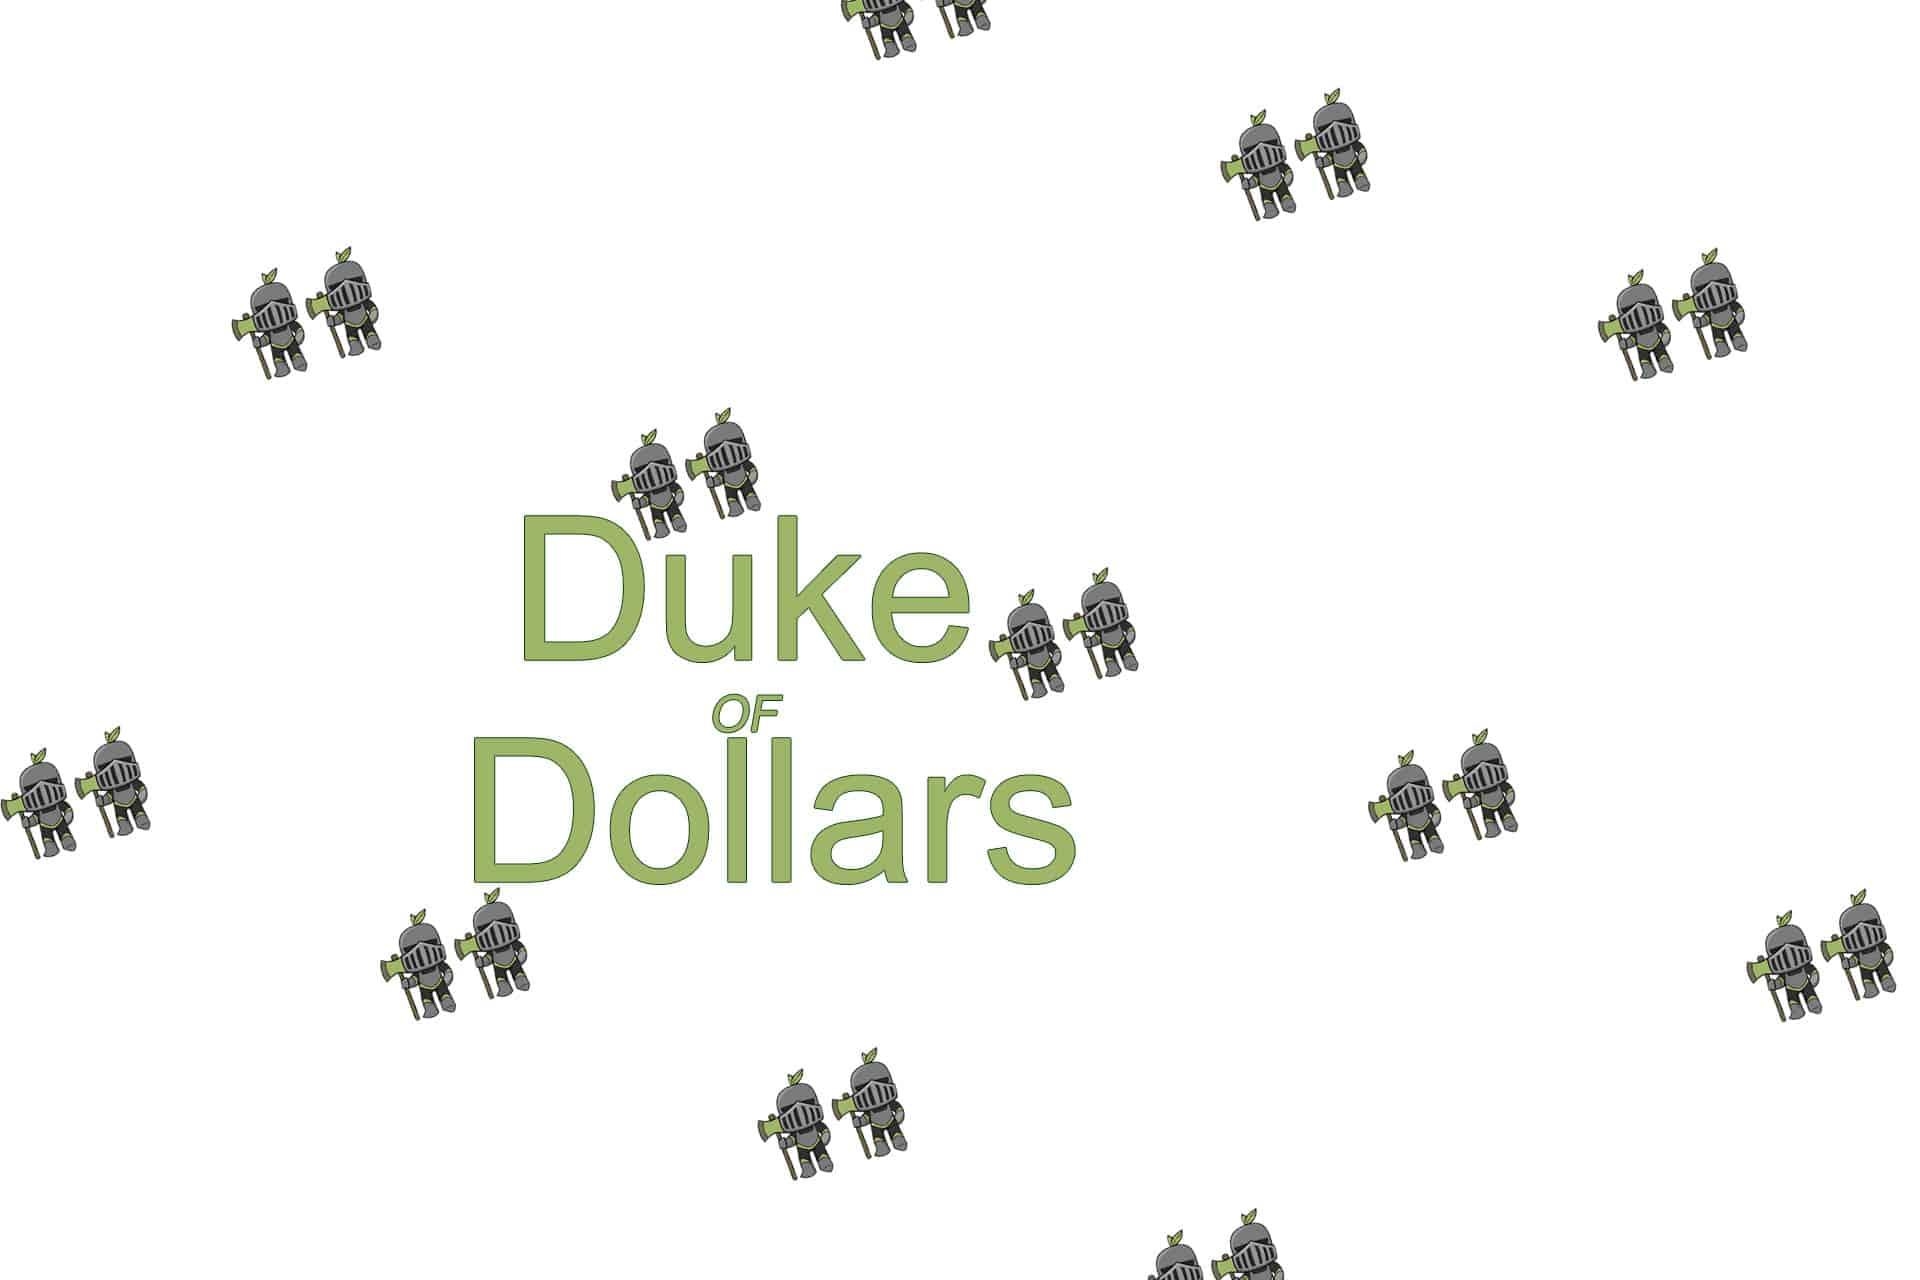 The Duke of Dollars logo